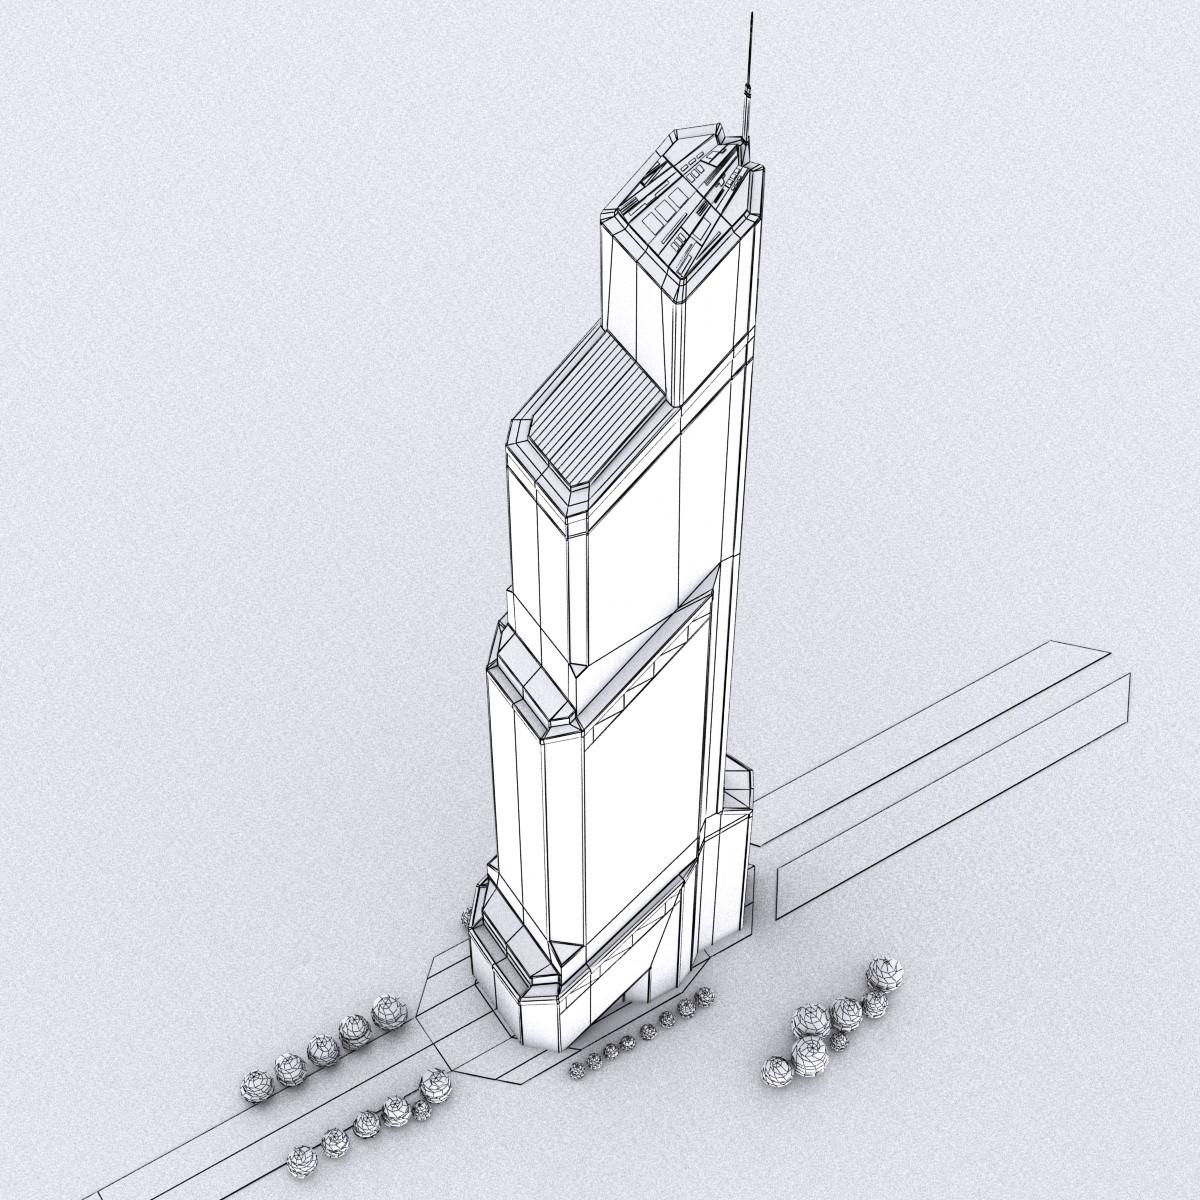 1200x1200 Mercury City Tower Scyscraper 3d Model